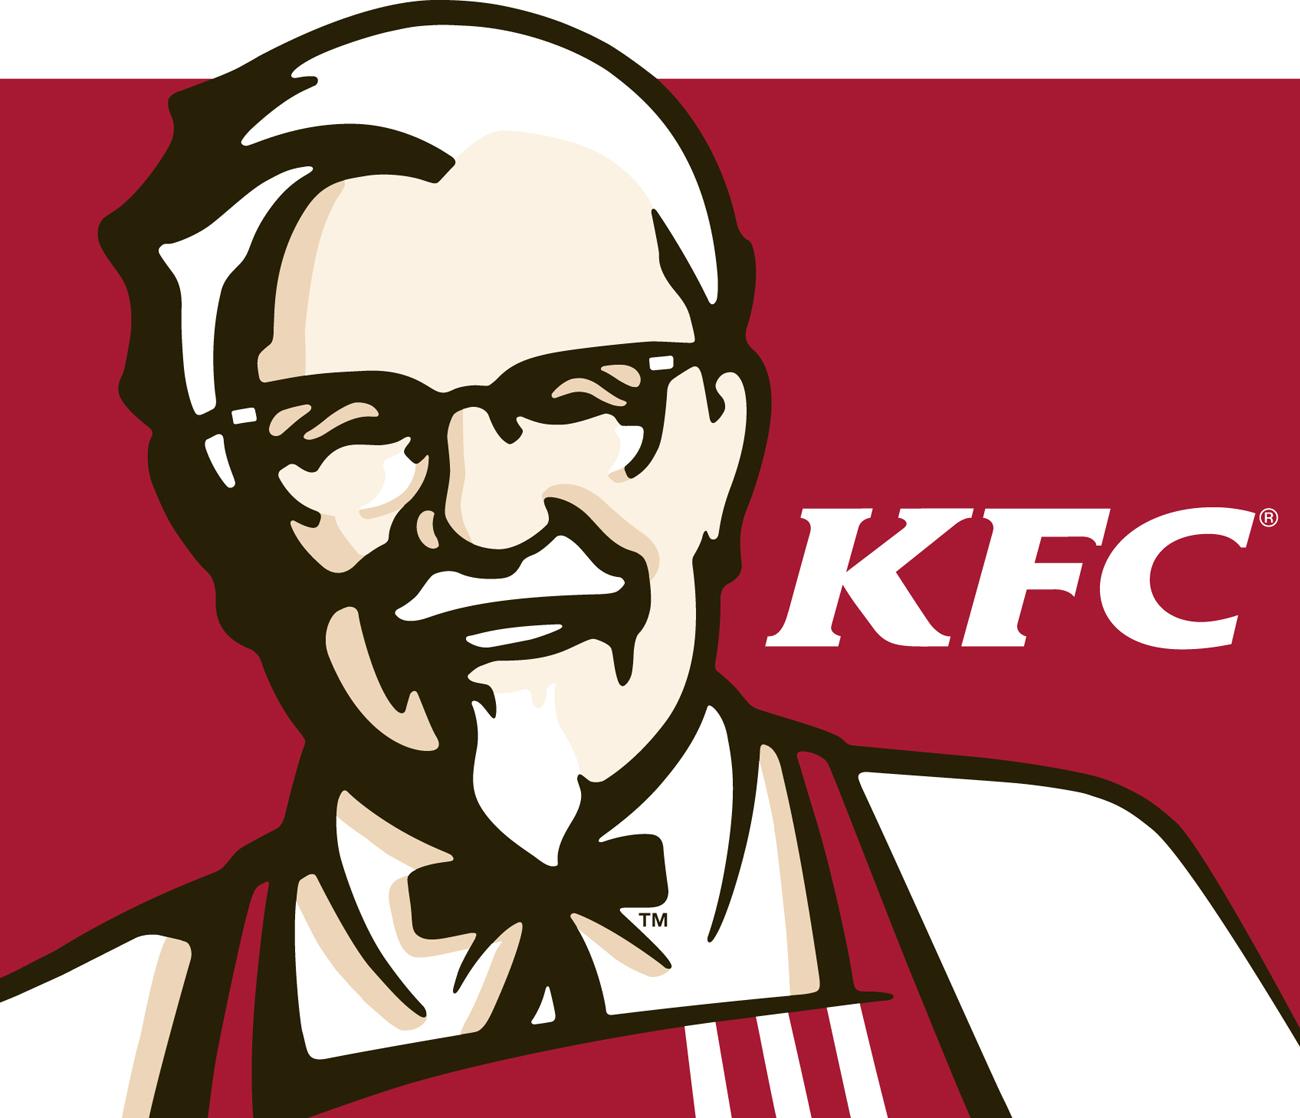 KFC - Cliffdale Rd